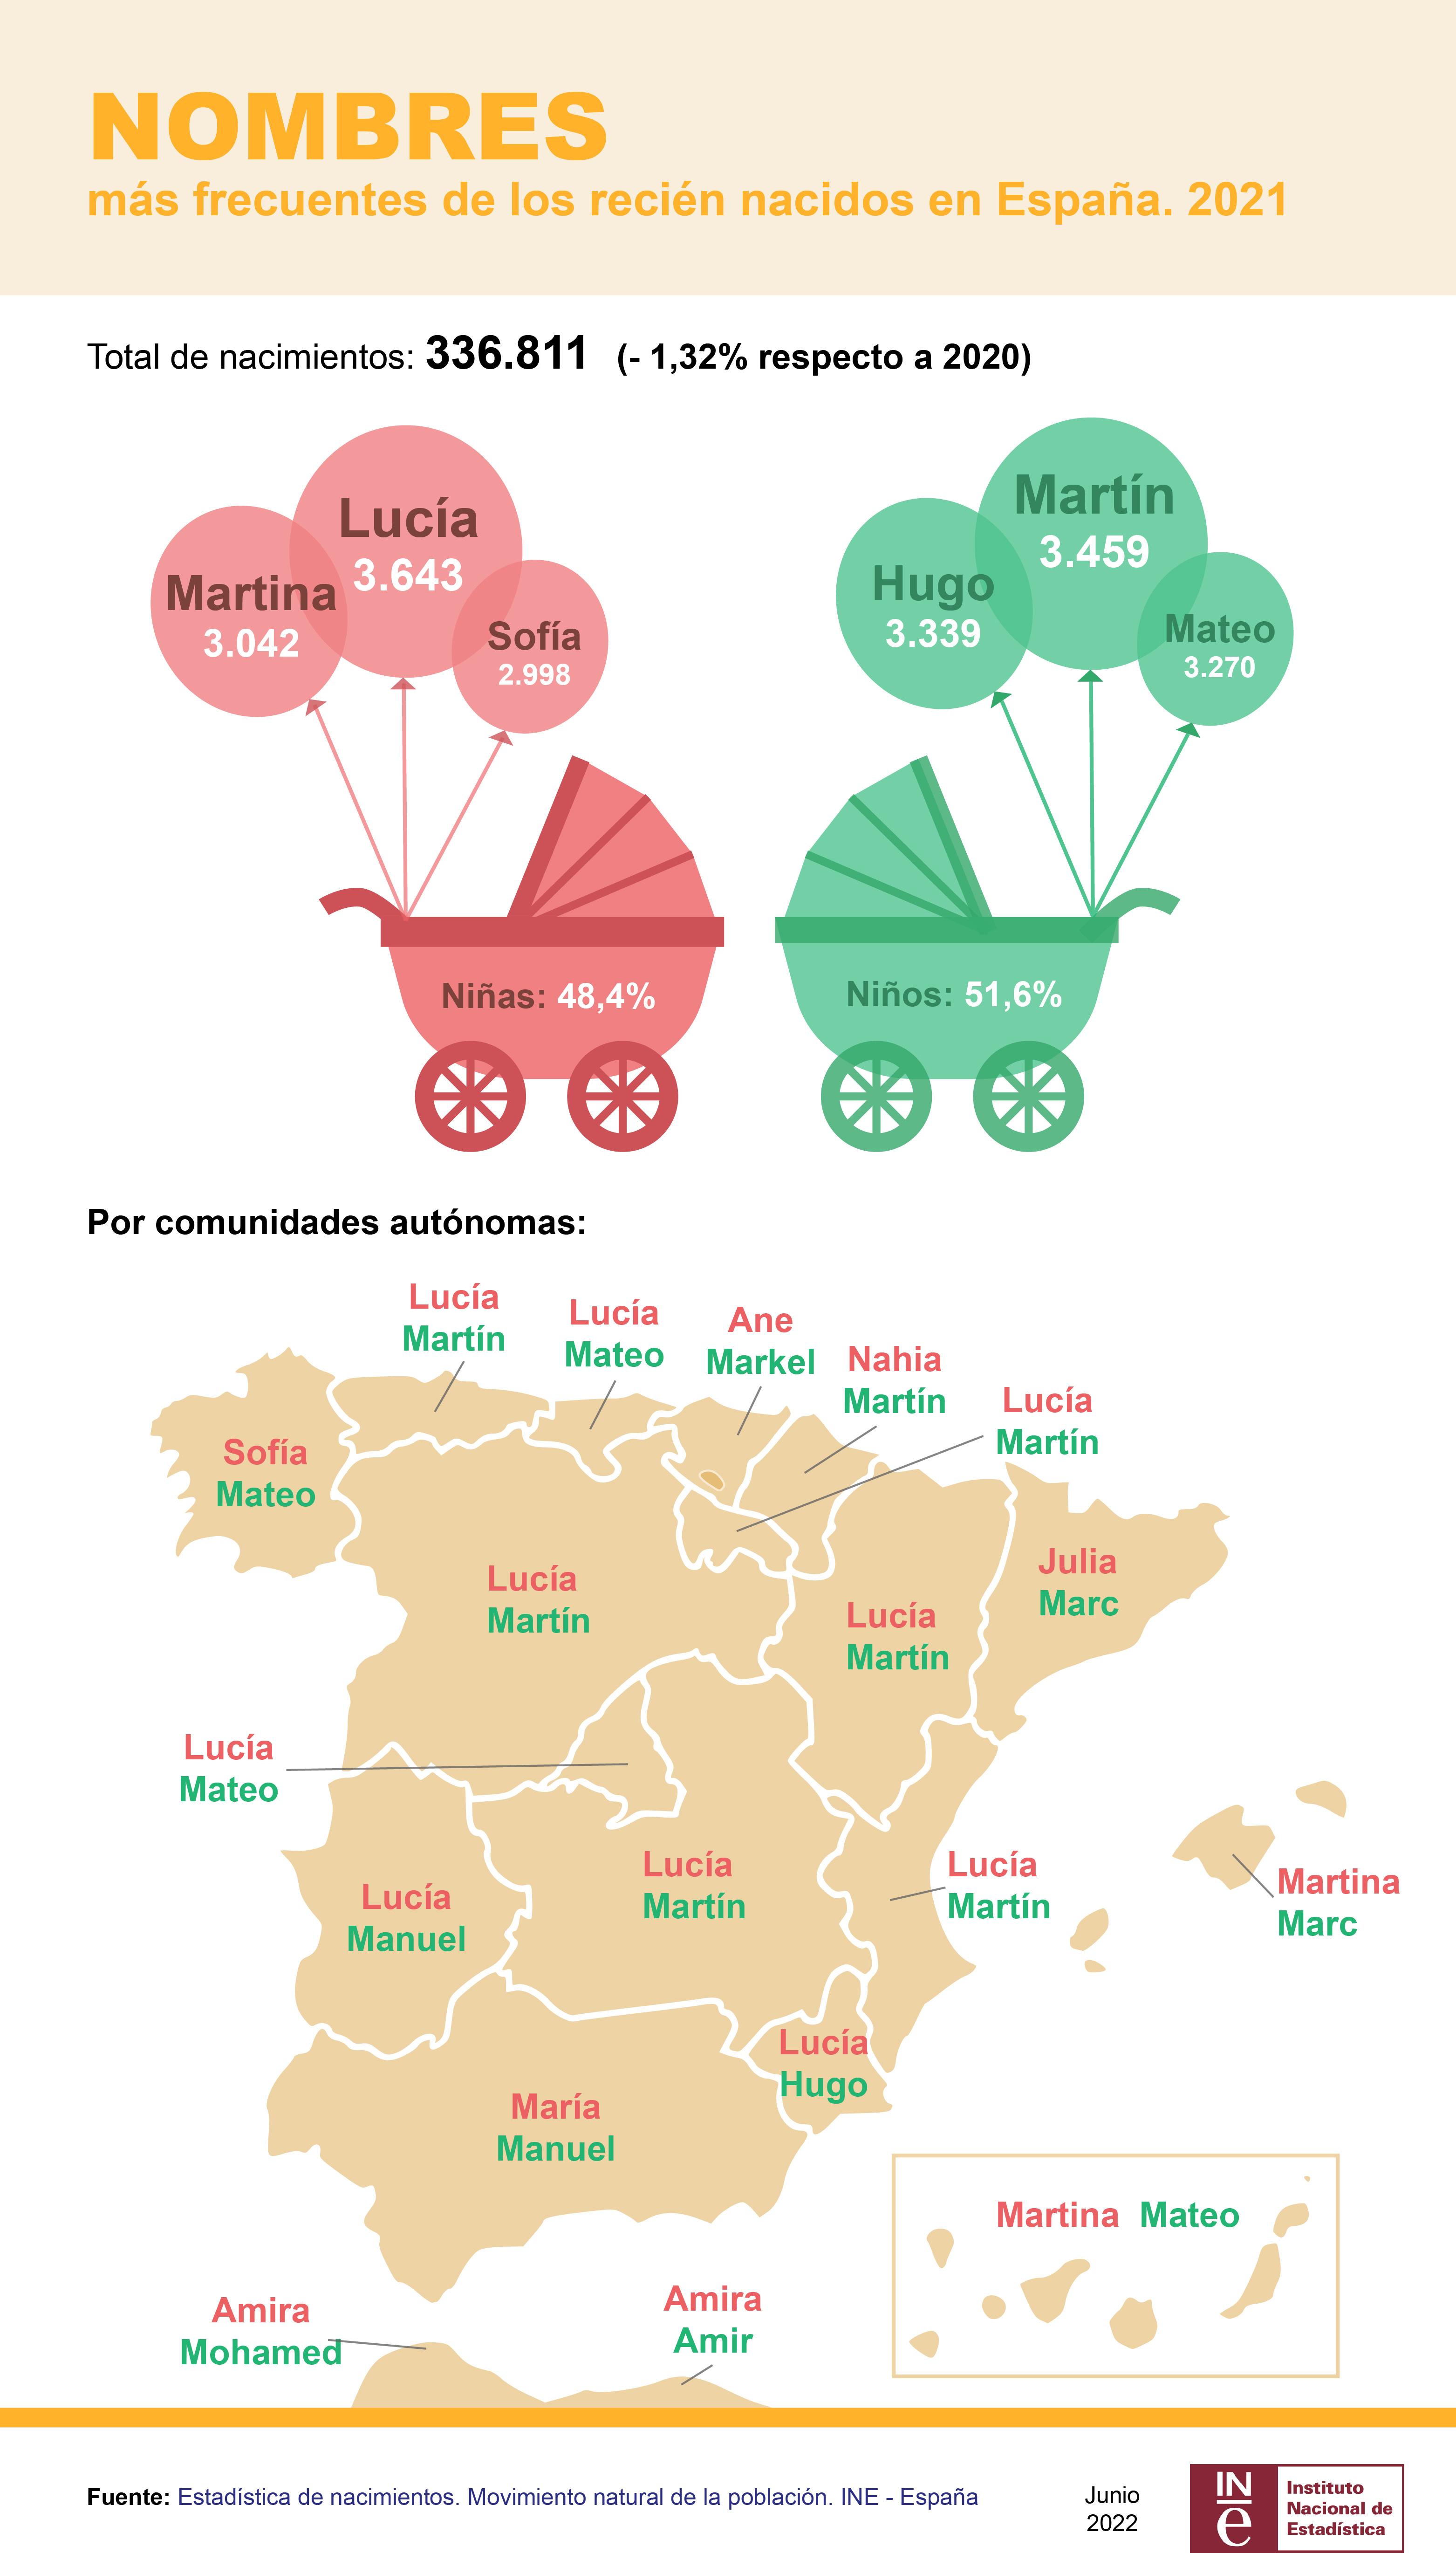 Nombres más frecuentes de los recien nacidos en España